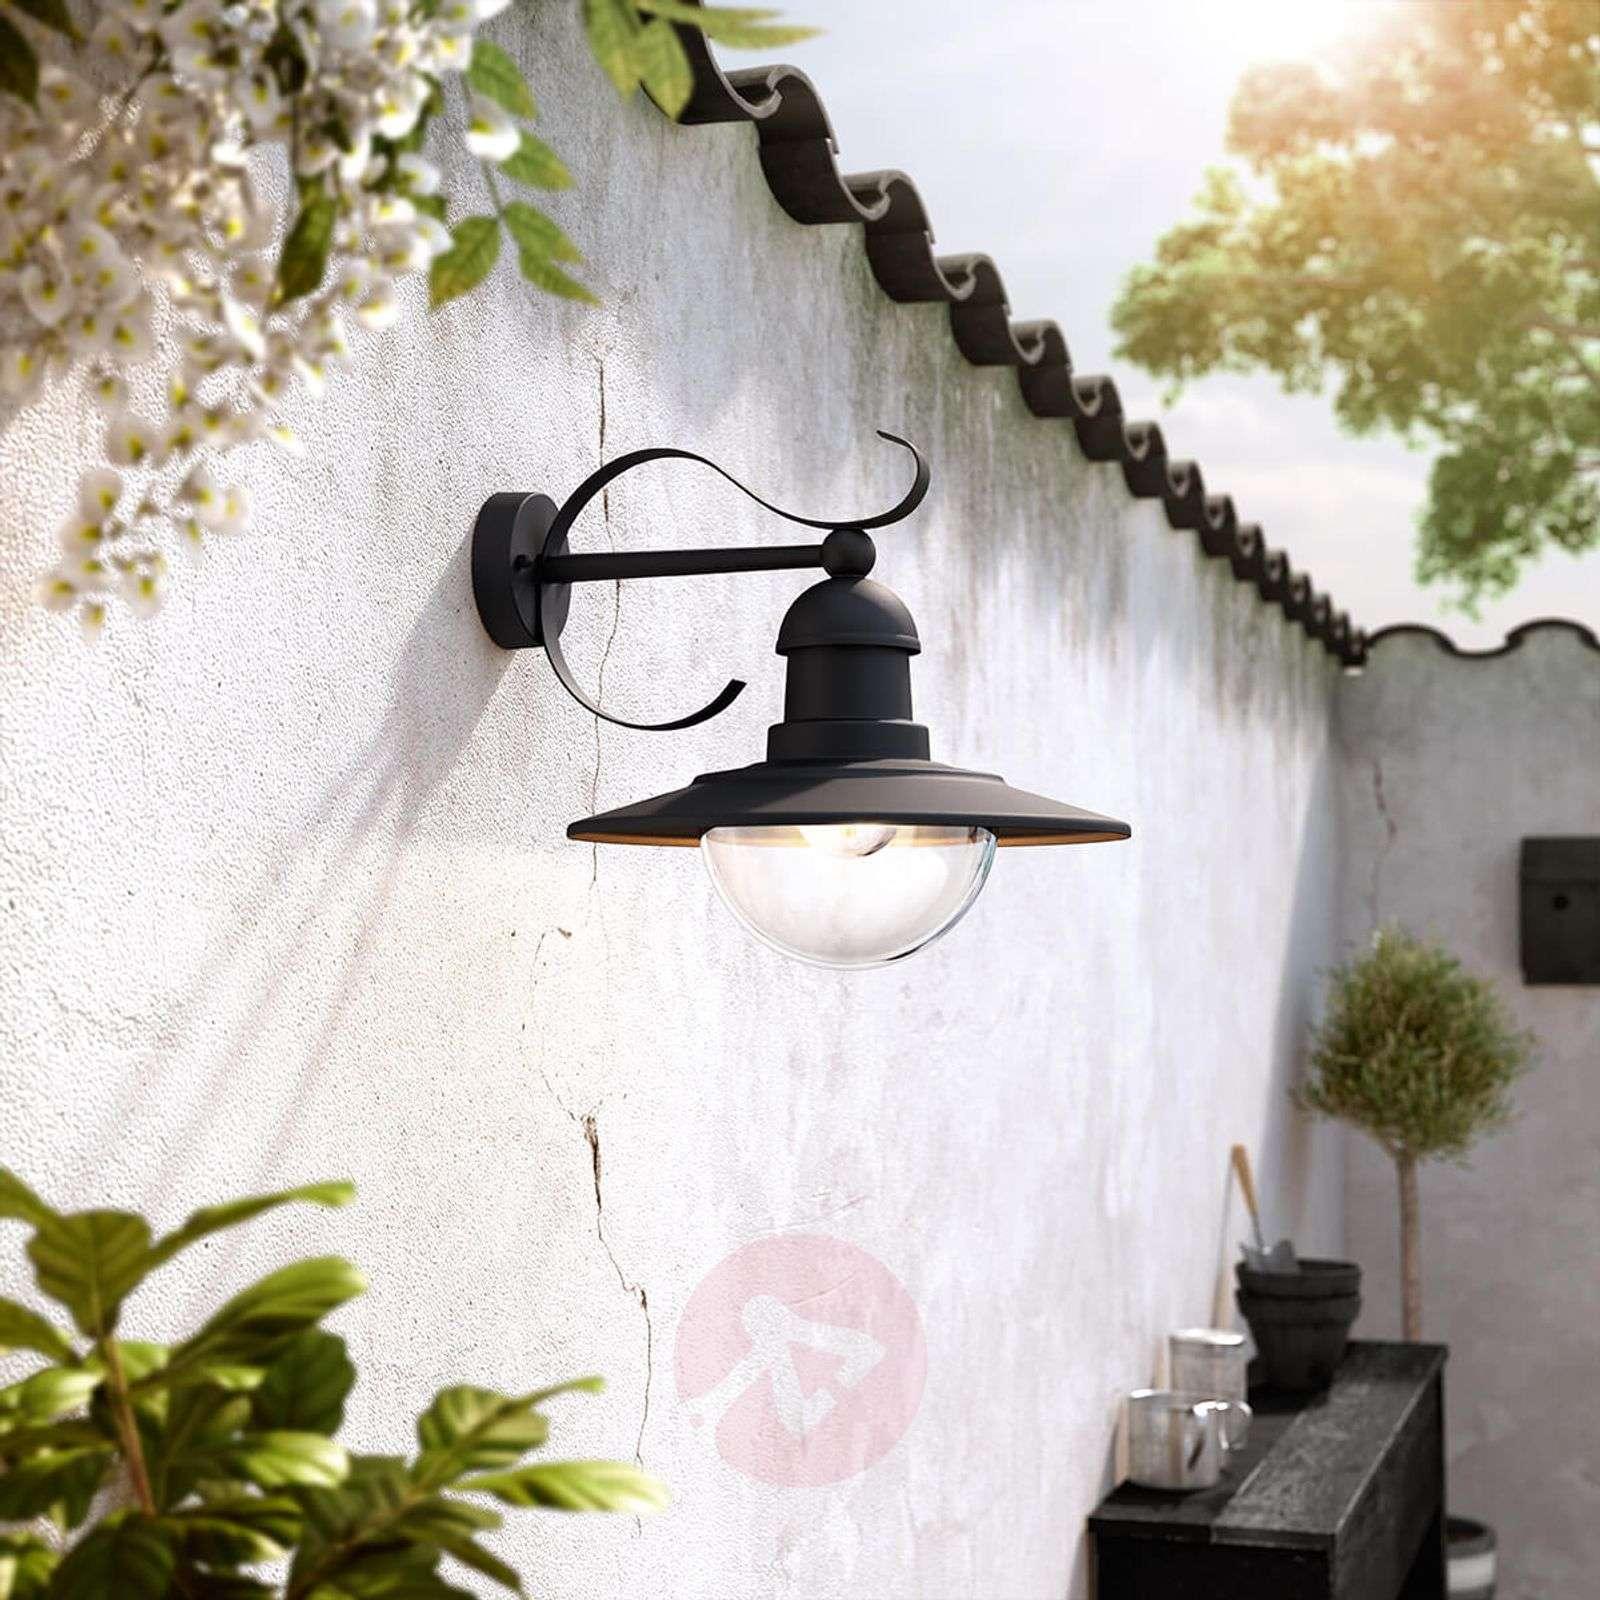 Koristeellinen ulkoseinävalaisin Topiary myGarden-7531956-01